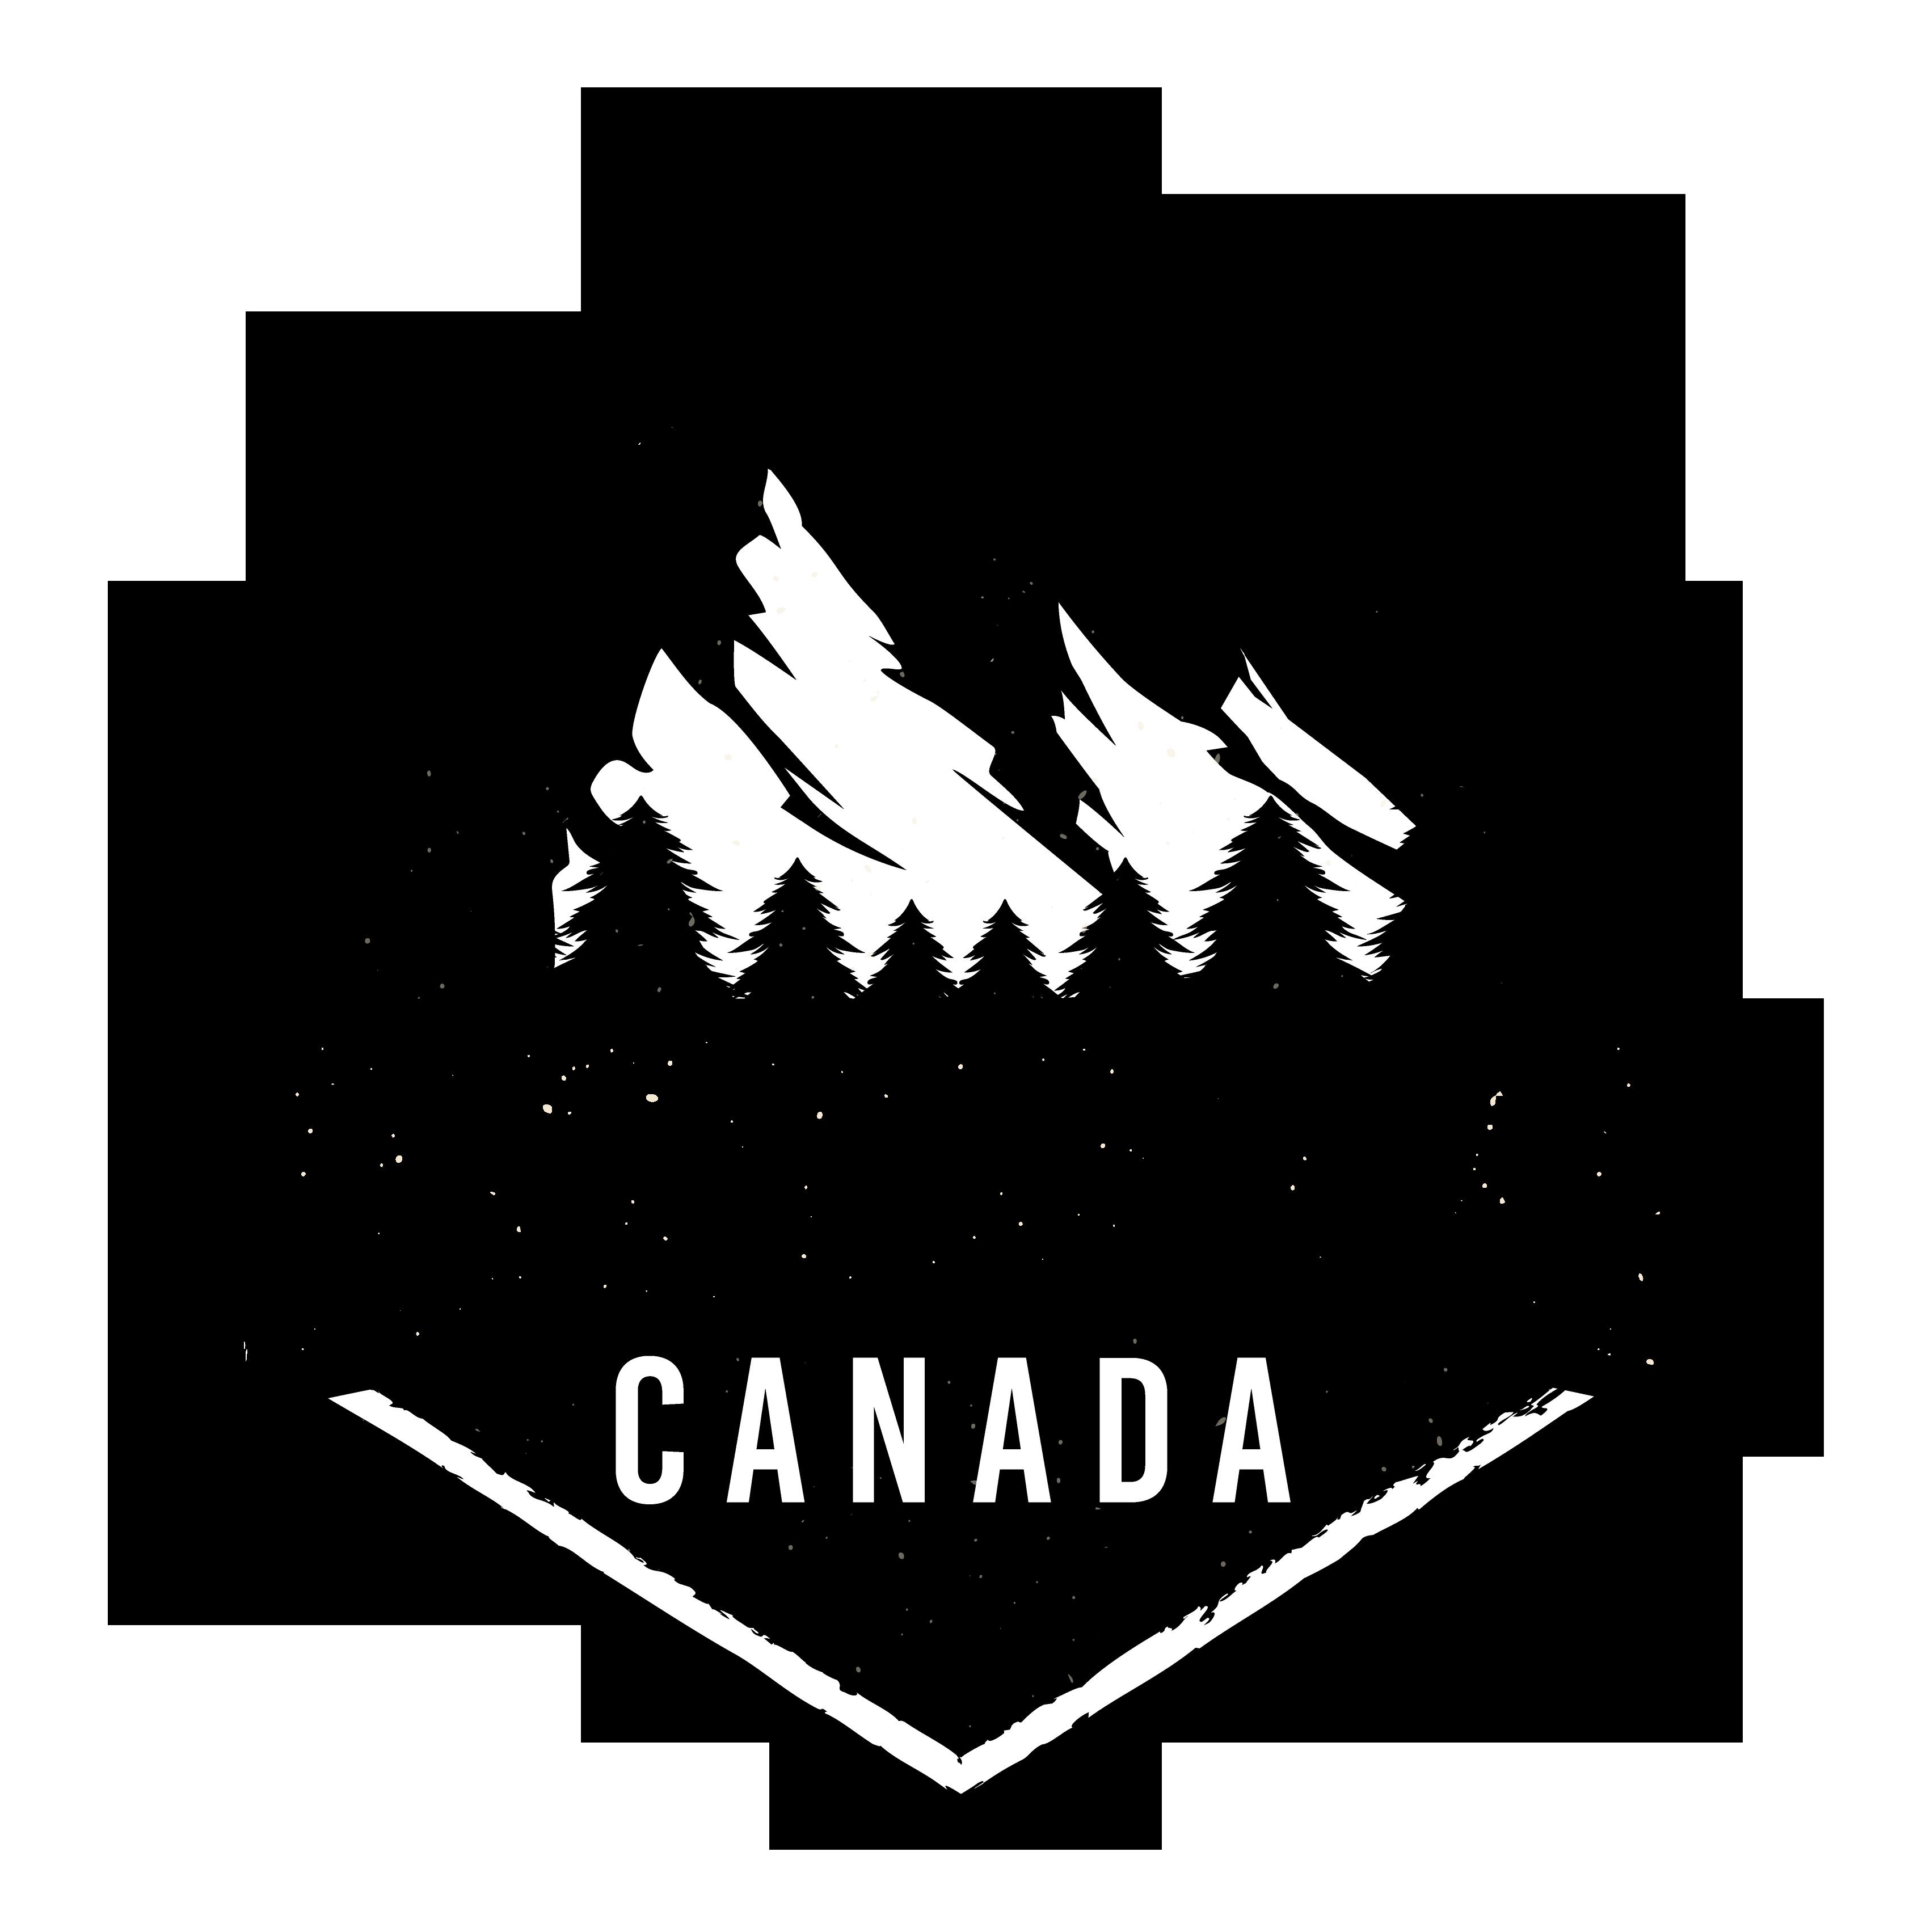 Adventures Canada